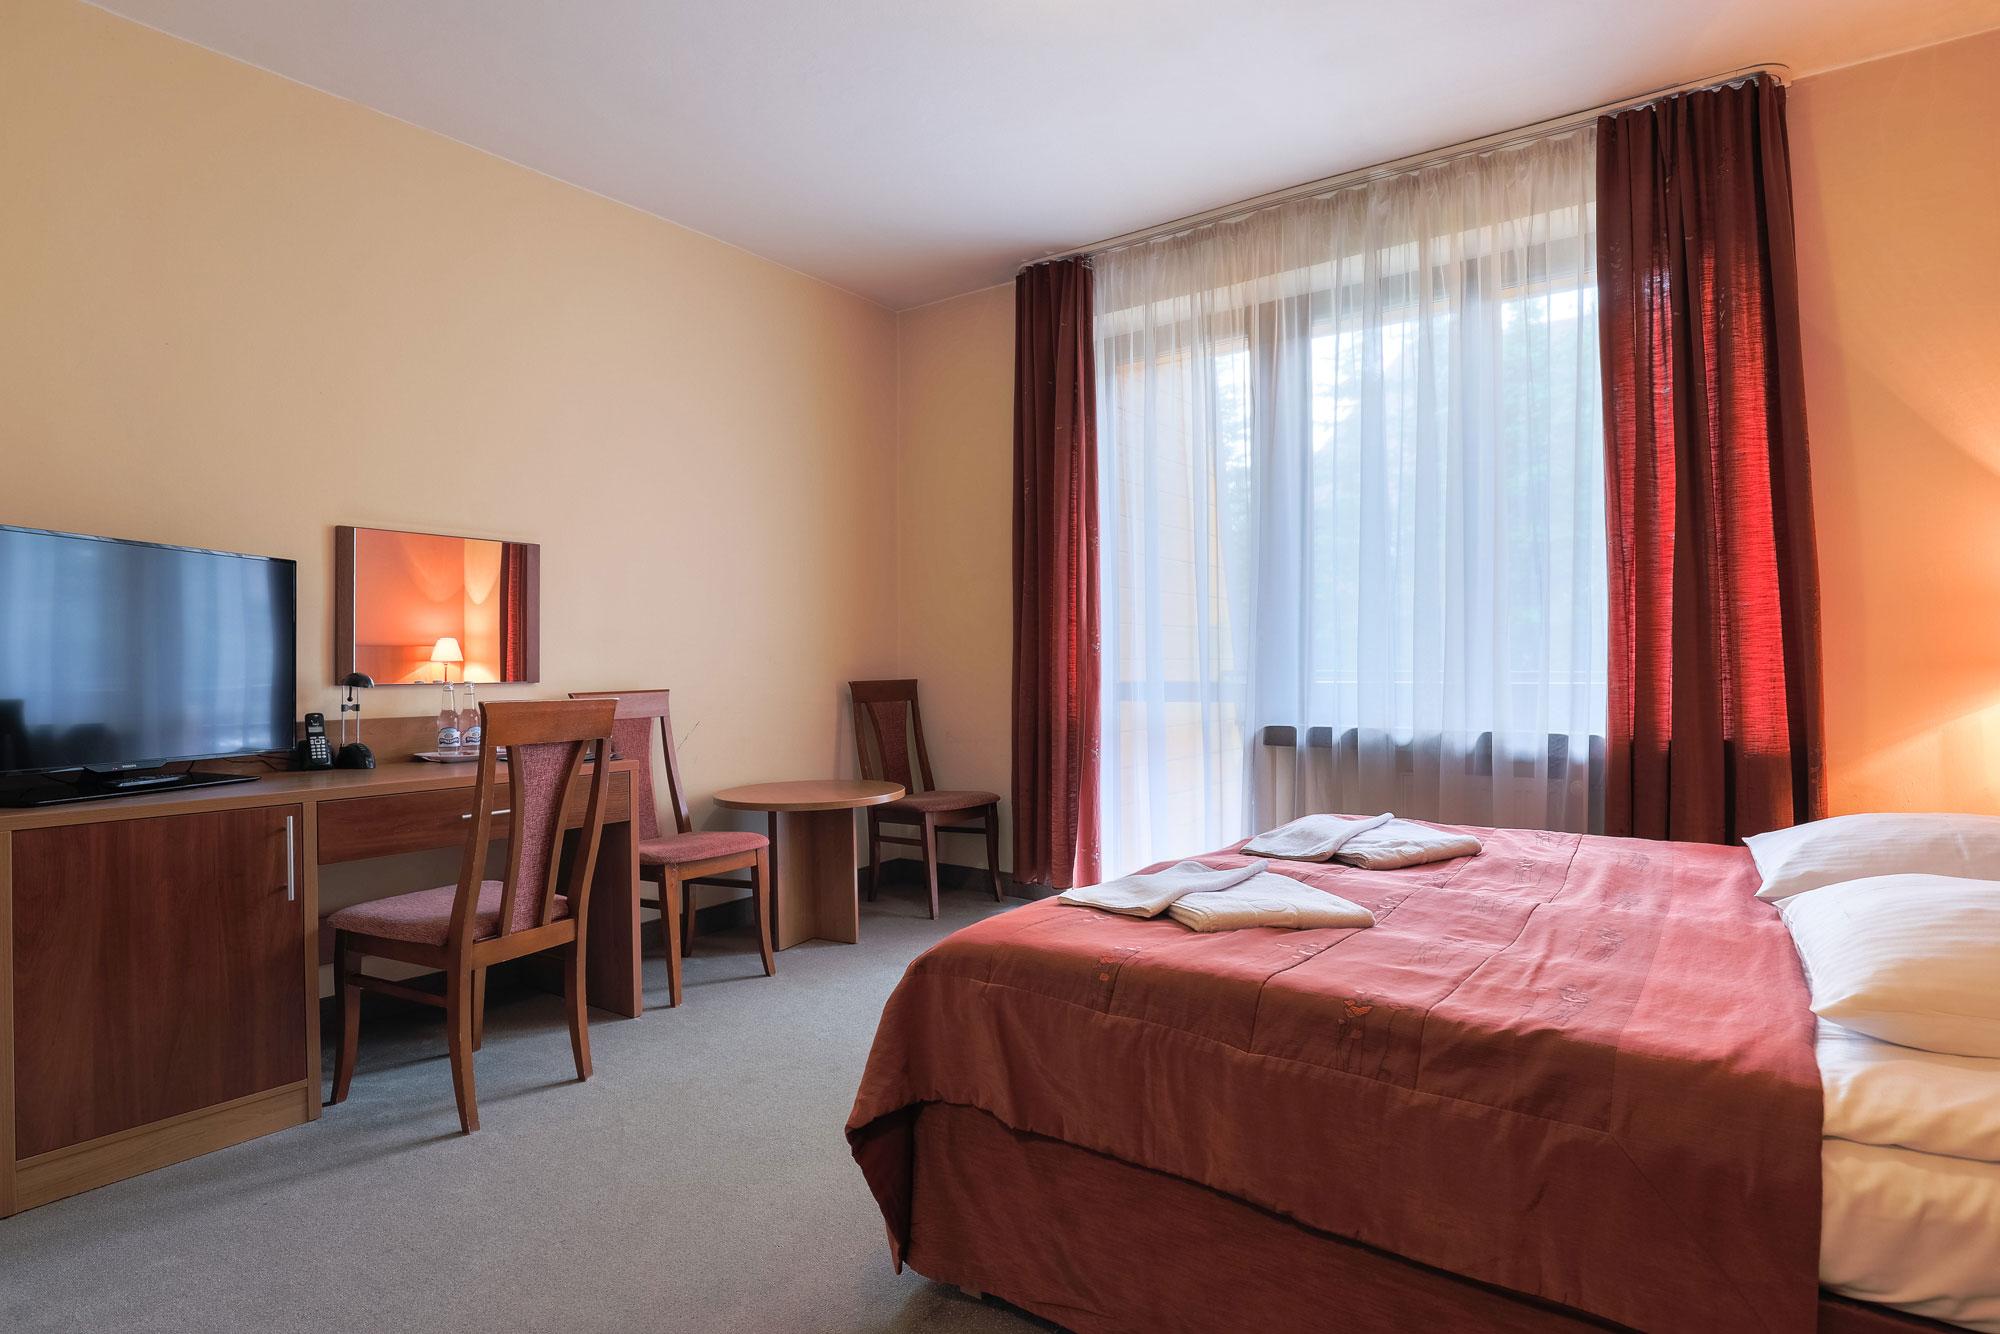 Układ pokoju w hotelu Boruta w Zakopanem